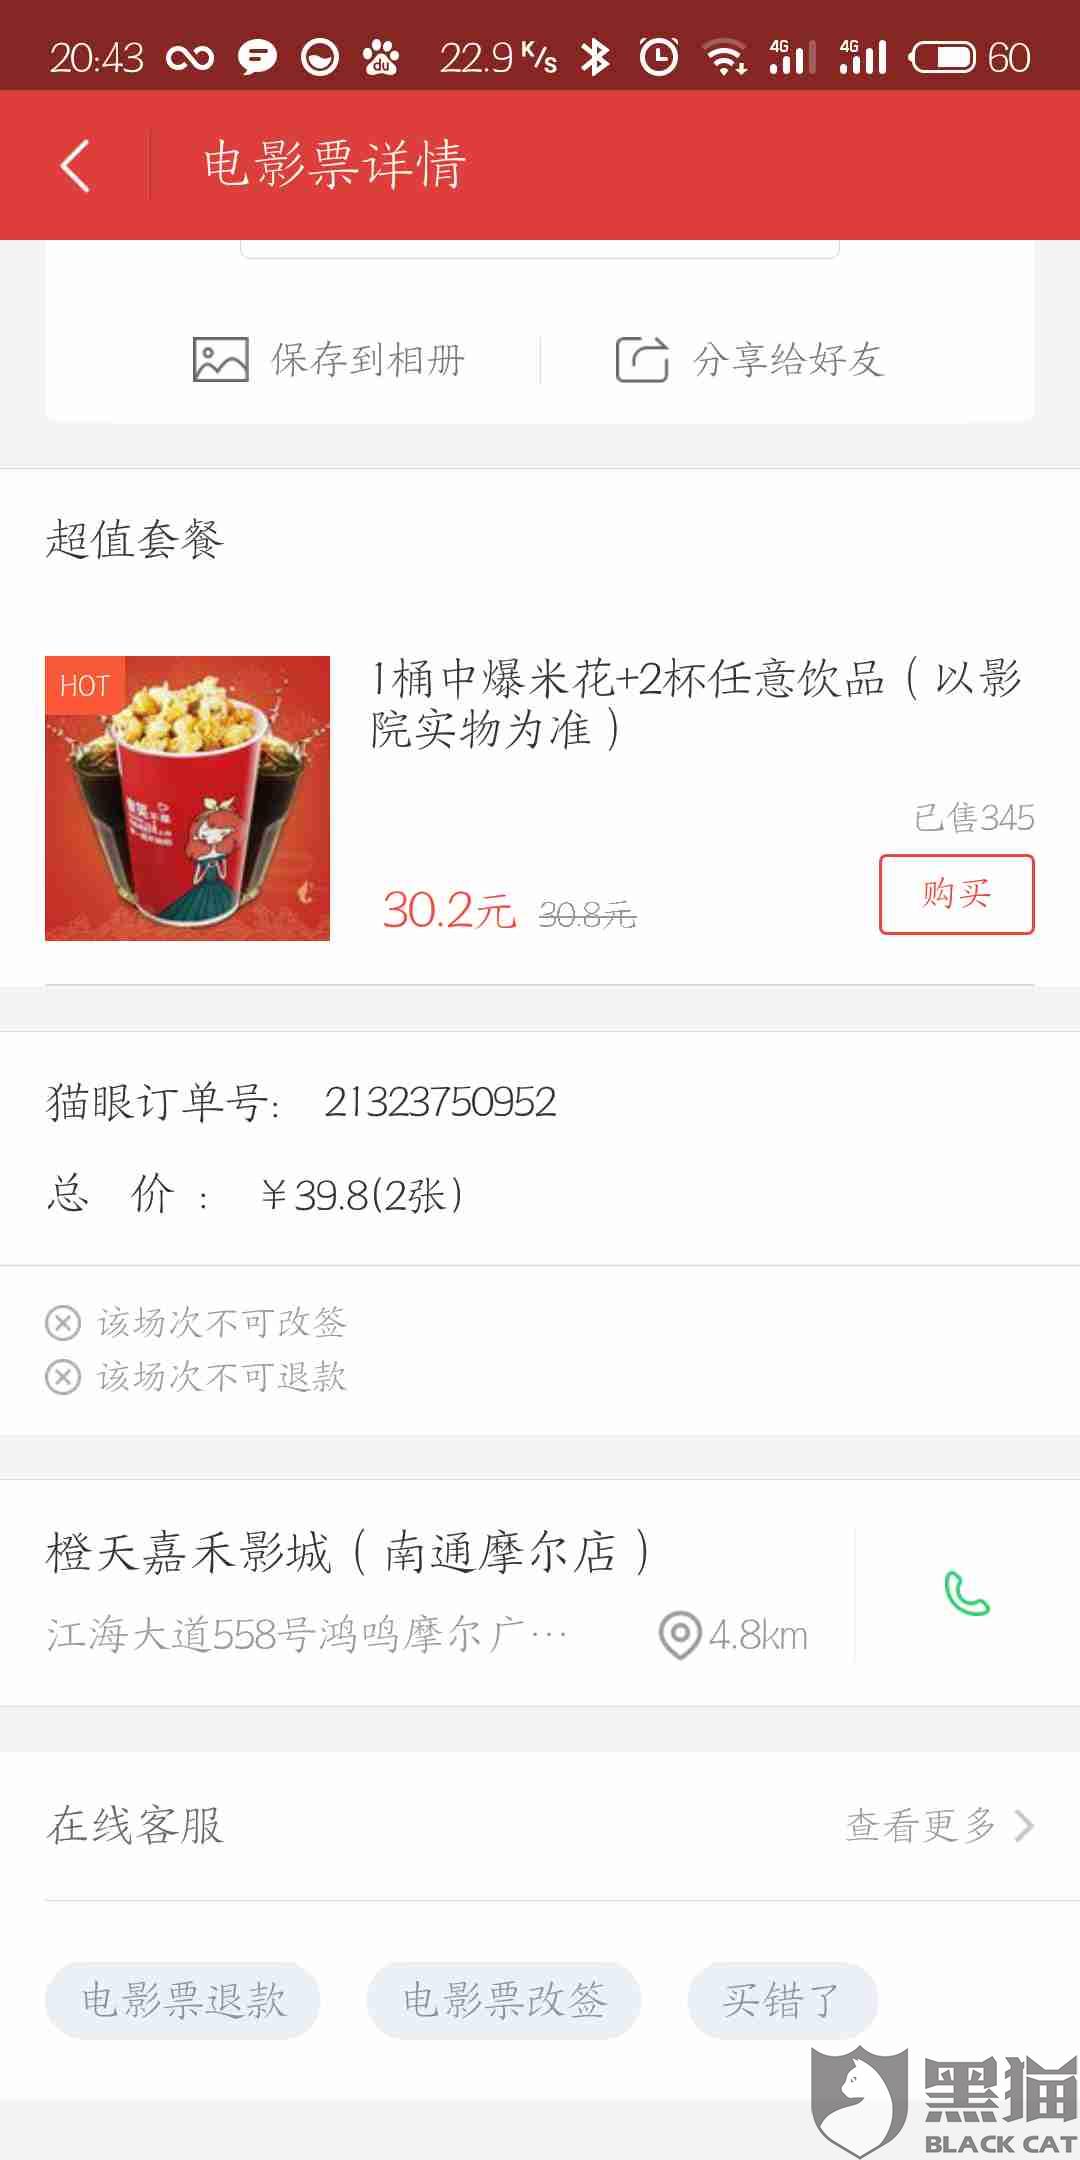 黑猫投诉:猫眼电影购买橙天嘉禾影城电影票,未消费不予退款,标注该场次不支持改签/退款